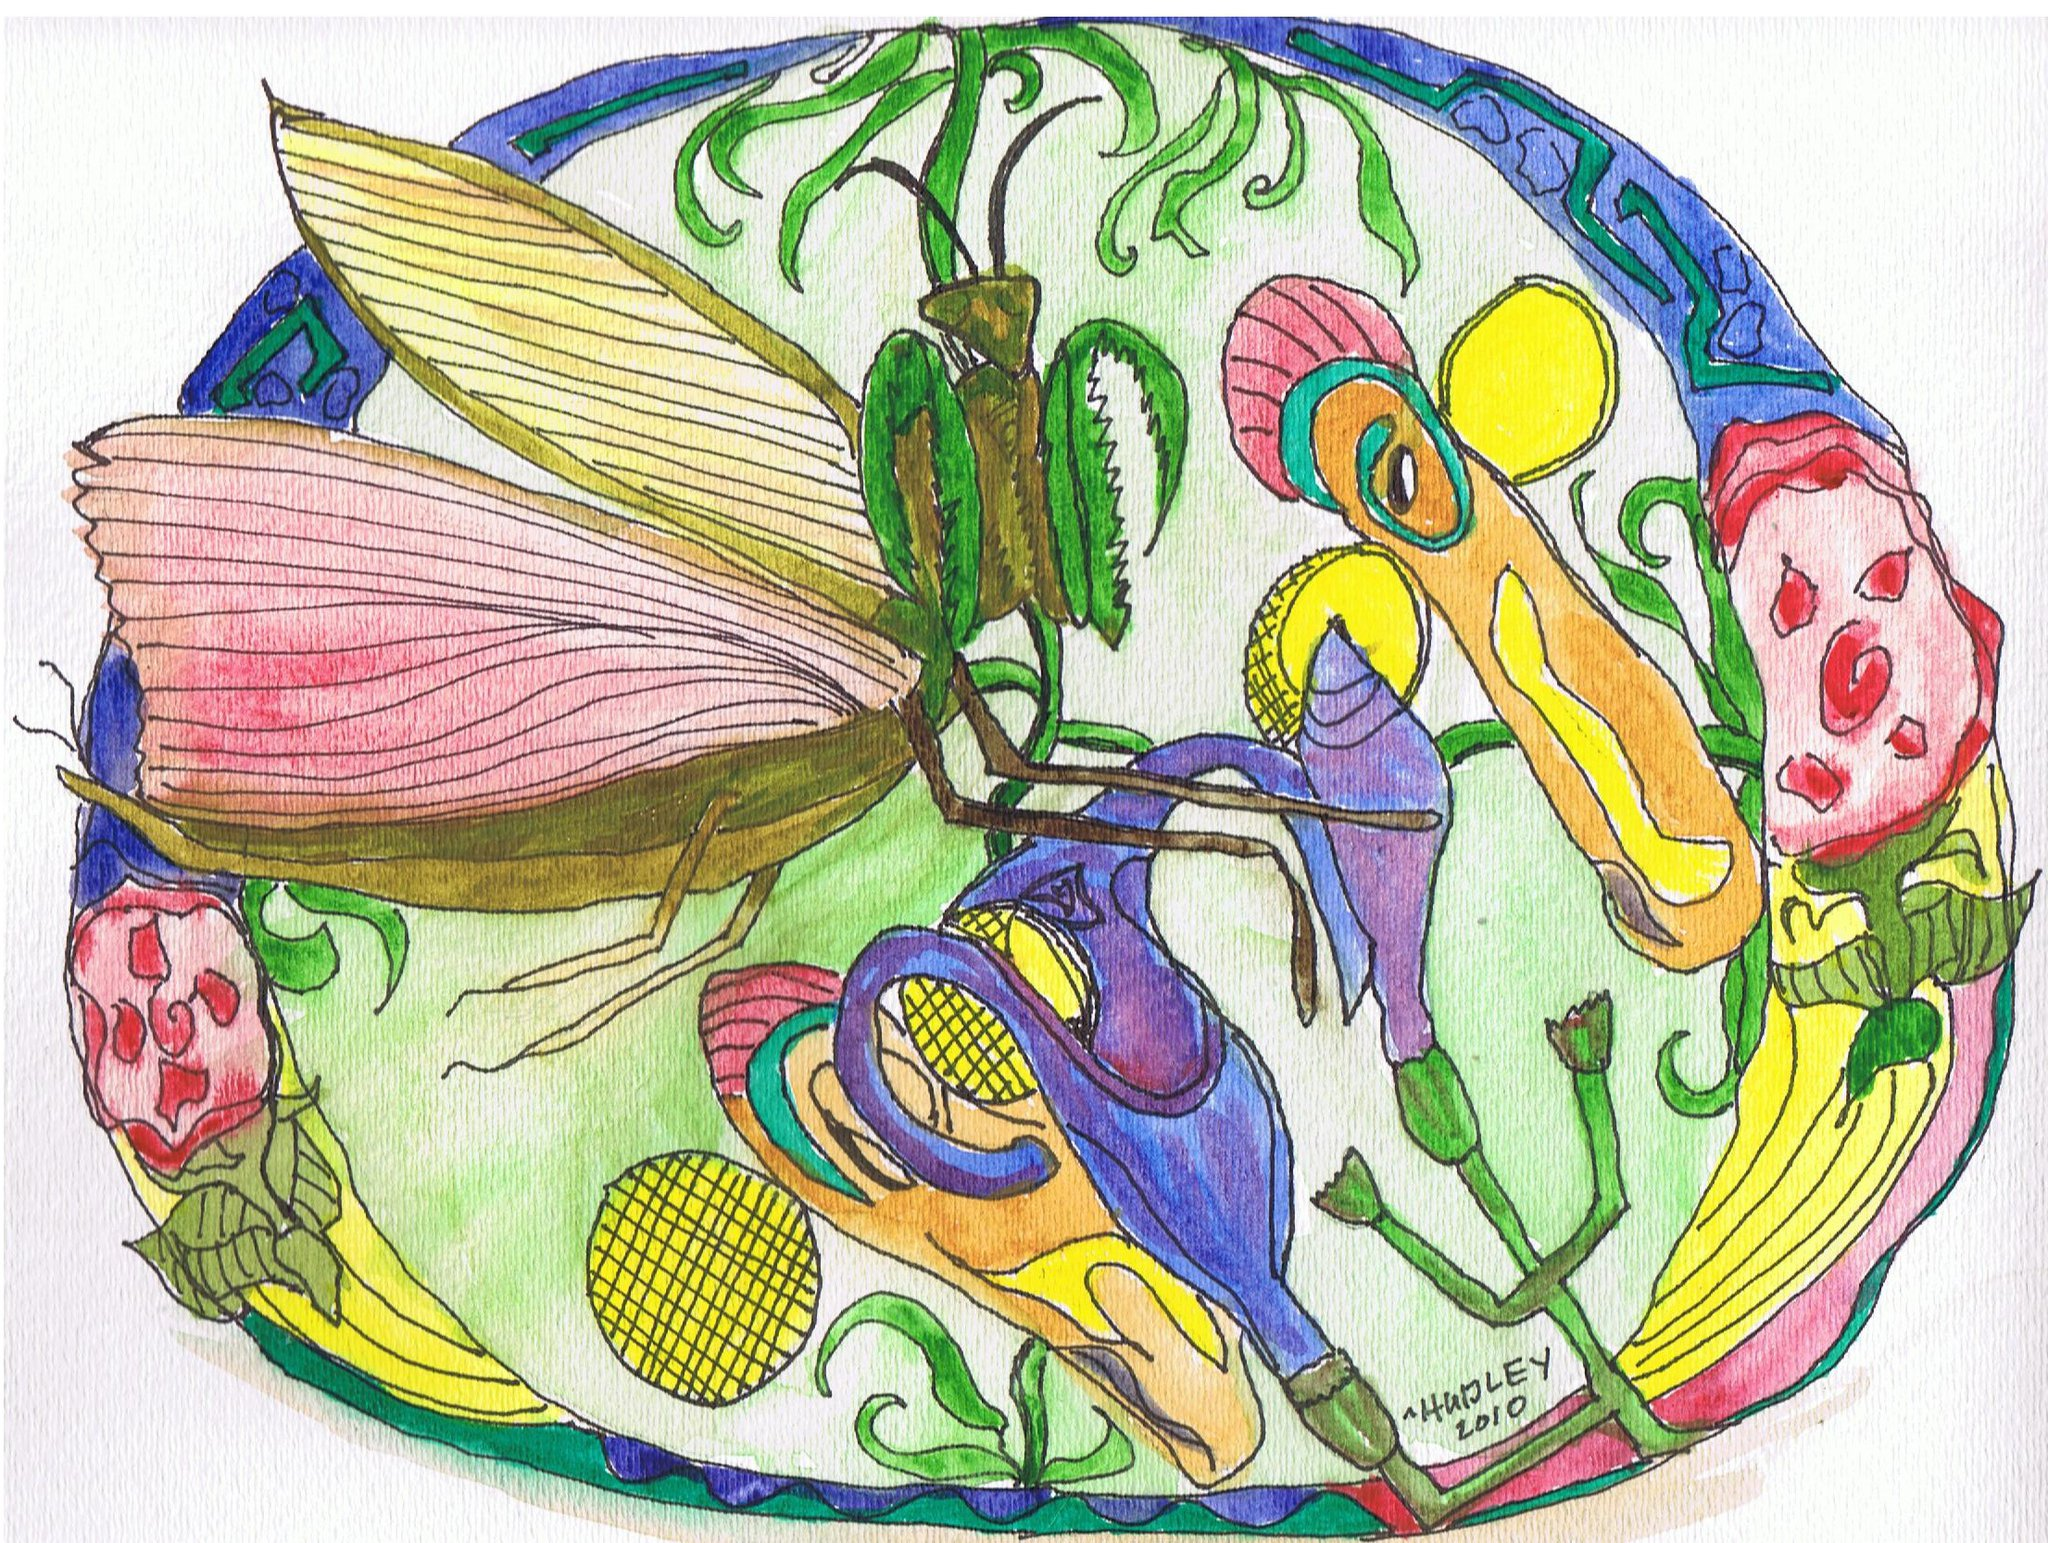 The mature Praying Mantis